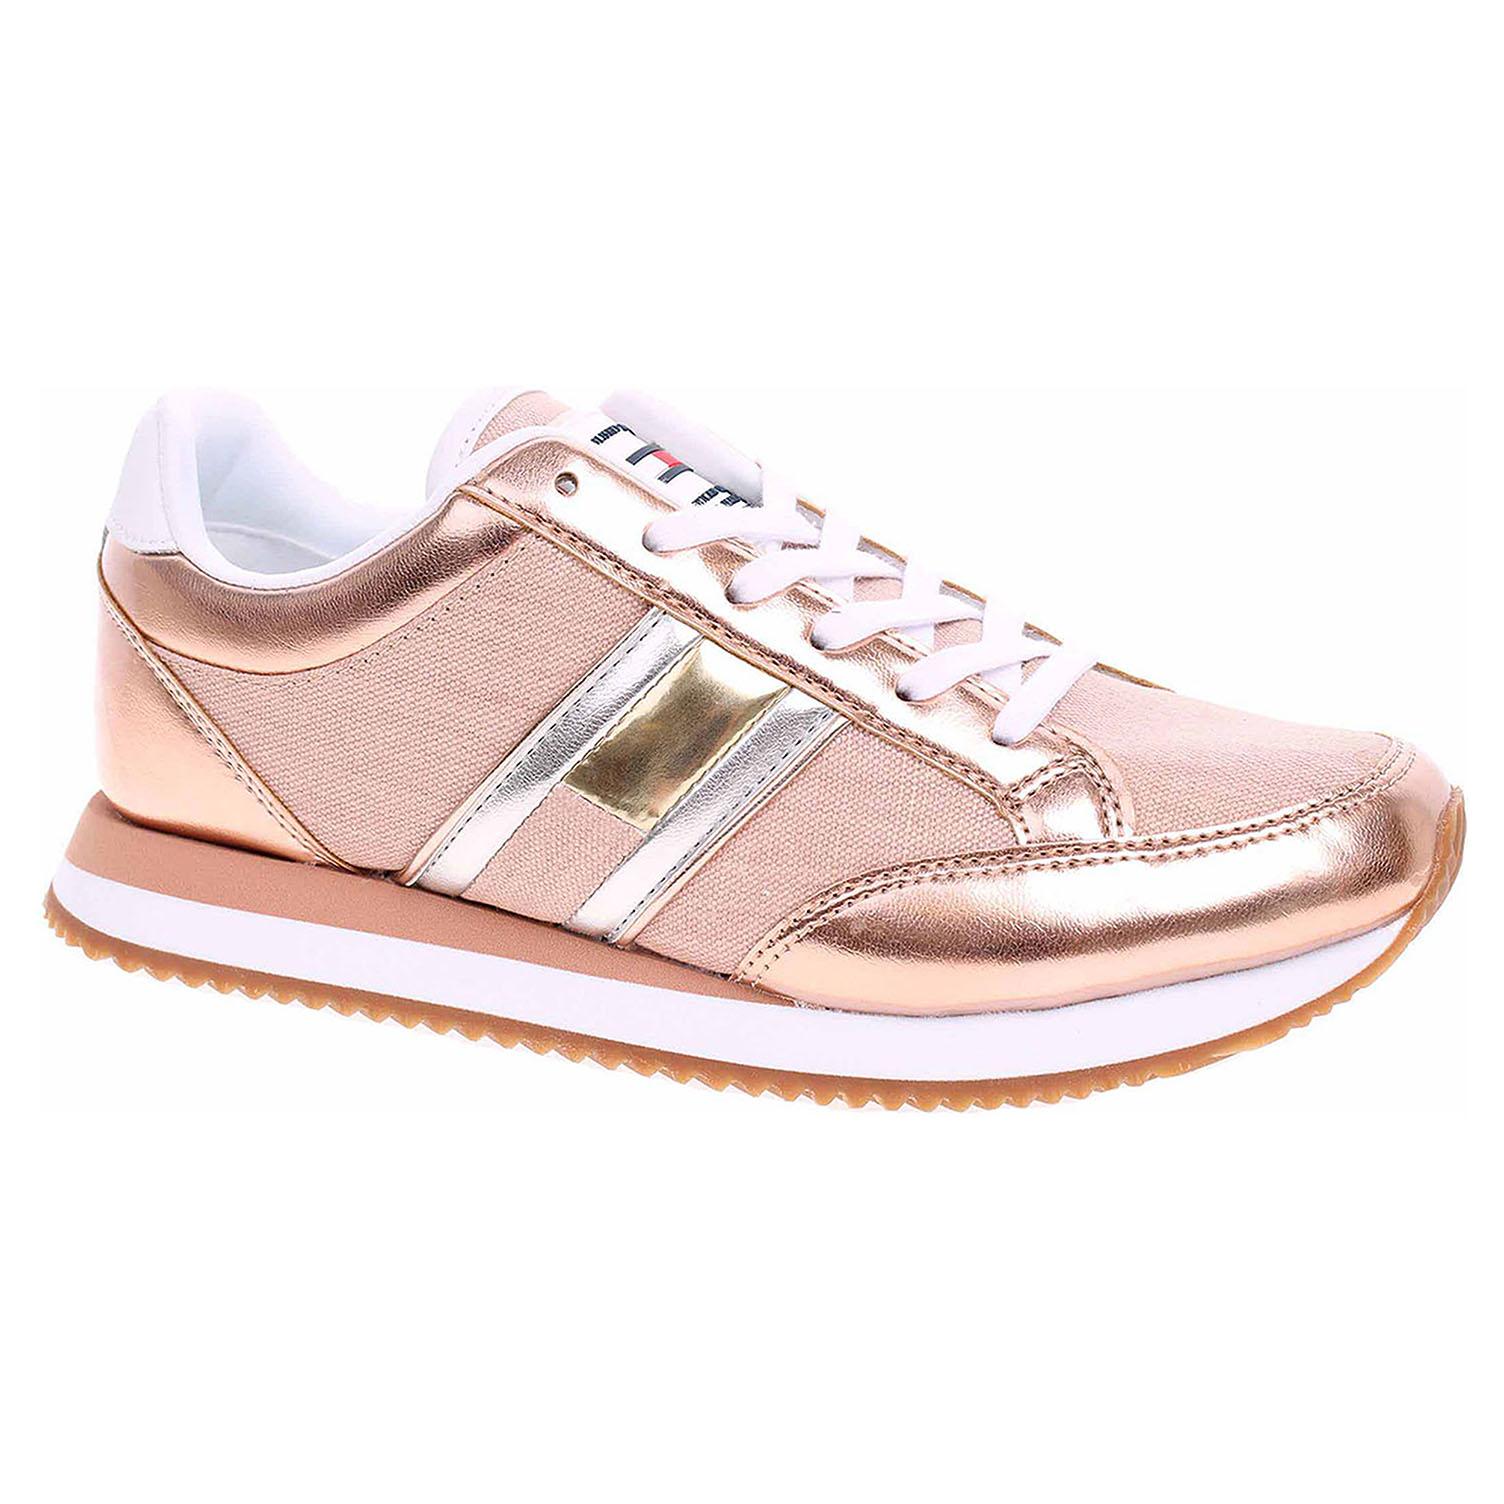 Dámská obuv Tommy Hilfiger EN0EN00413 rose gold EN0EN00413 652 37